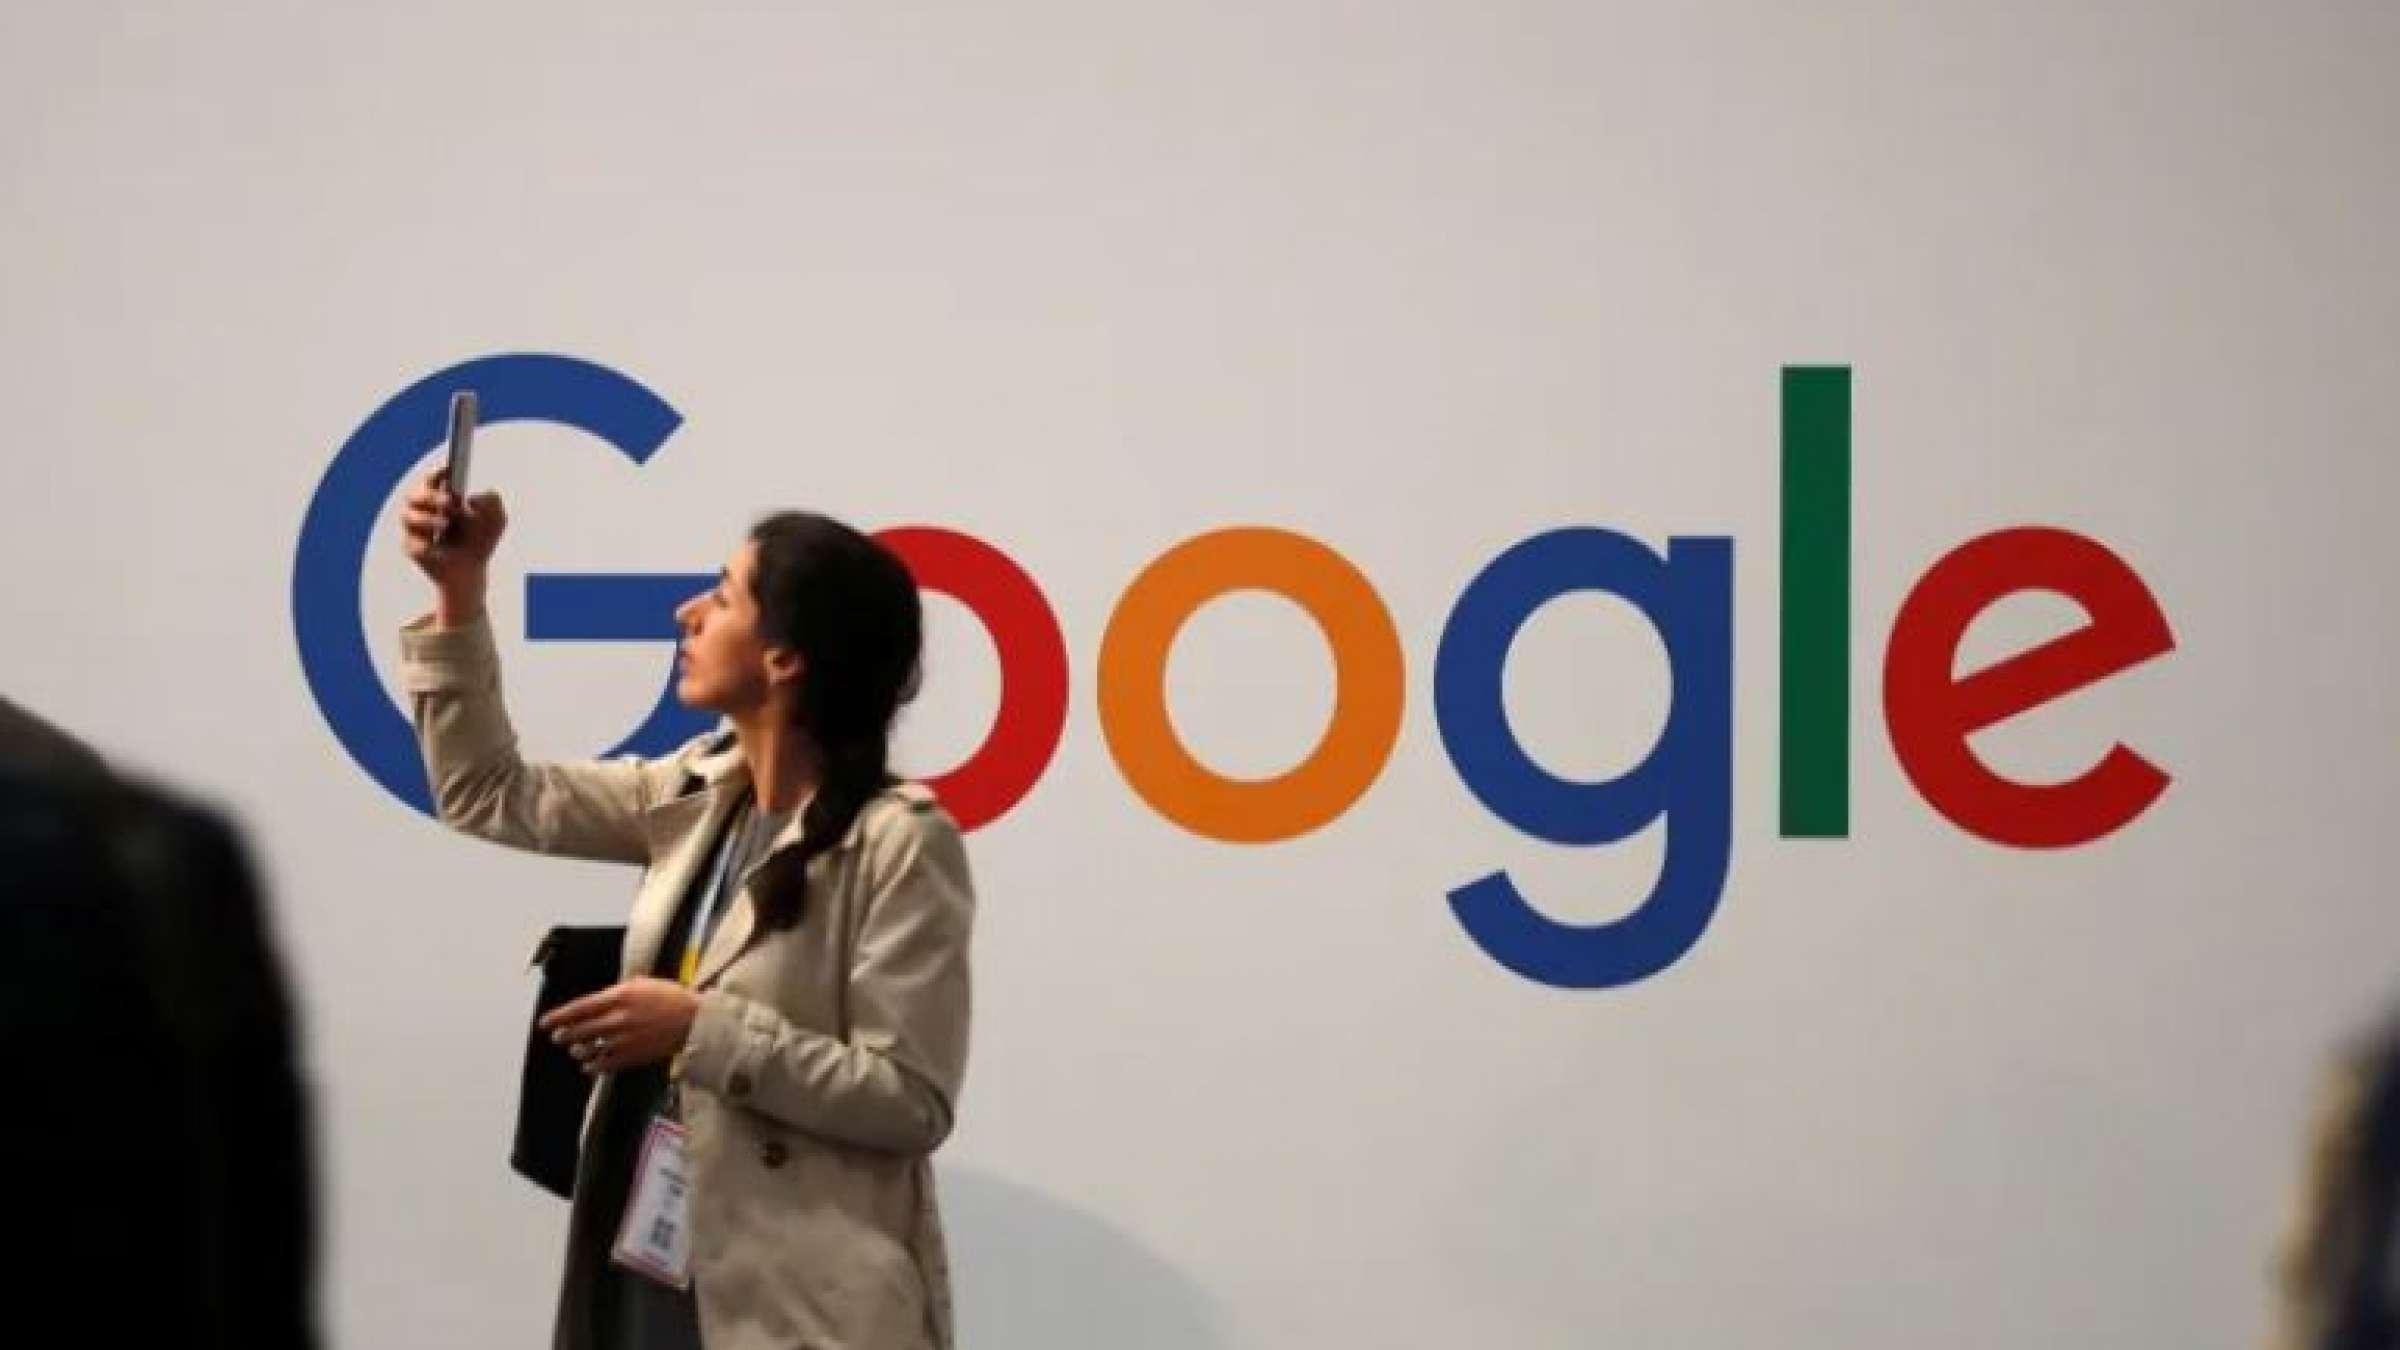 گوگل- به-انحصار-گرایی-و-آسیب-زدن-به-منافع-مصرف-کنندگان-متهم-شد-دلایل-اتهام-فریبکاری-علیه- گوگل-و-فیسبوک-چیست